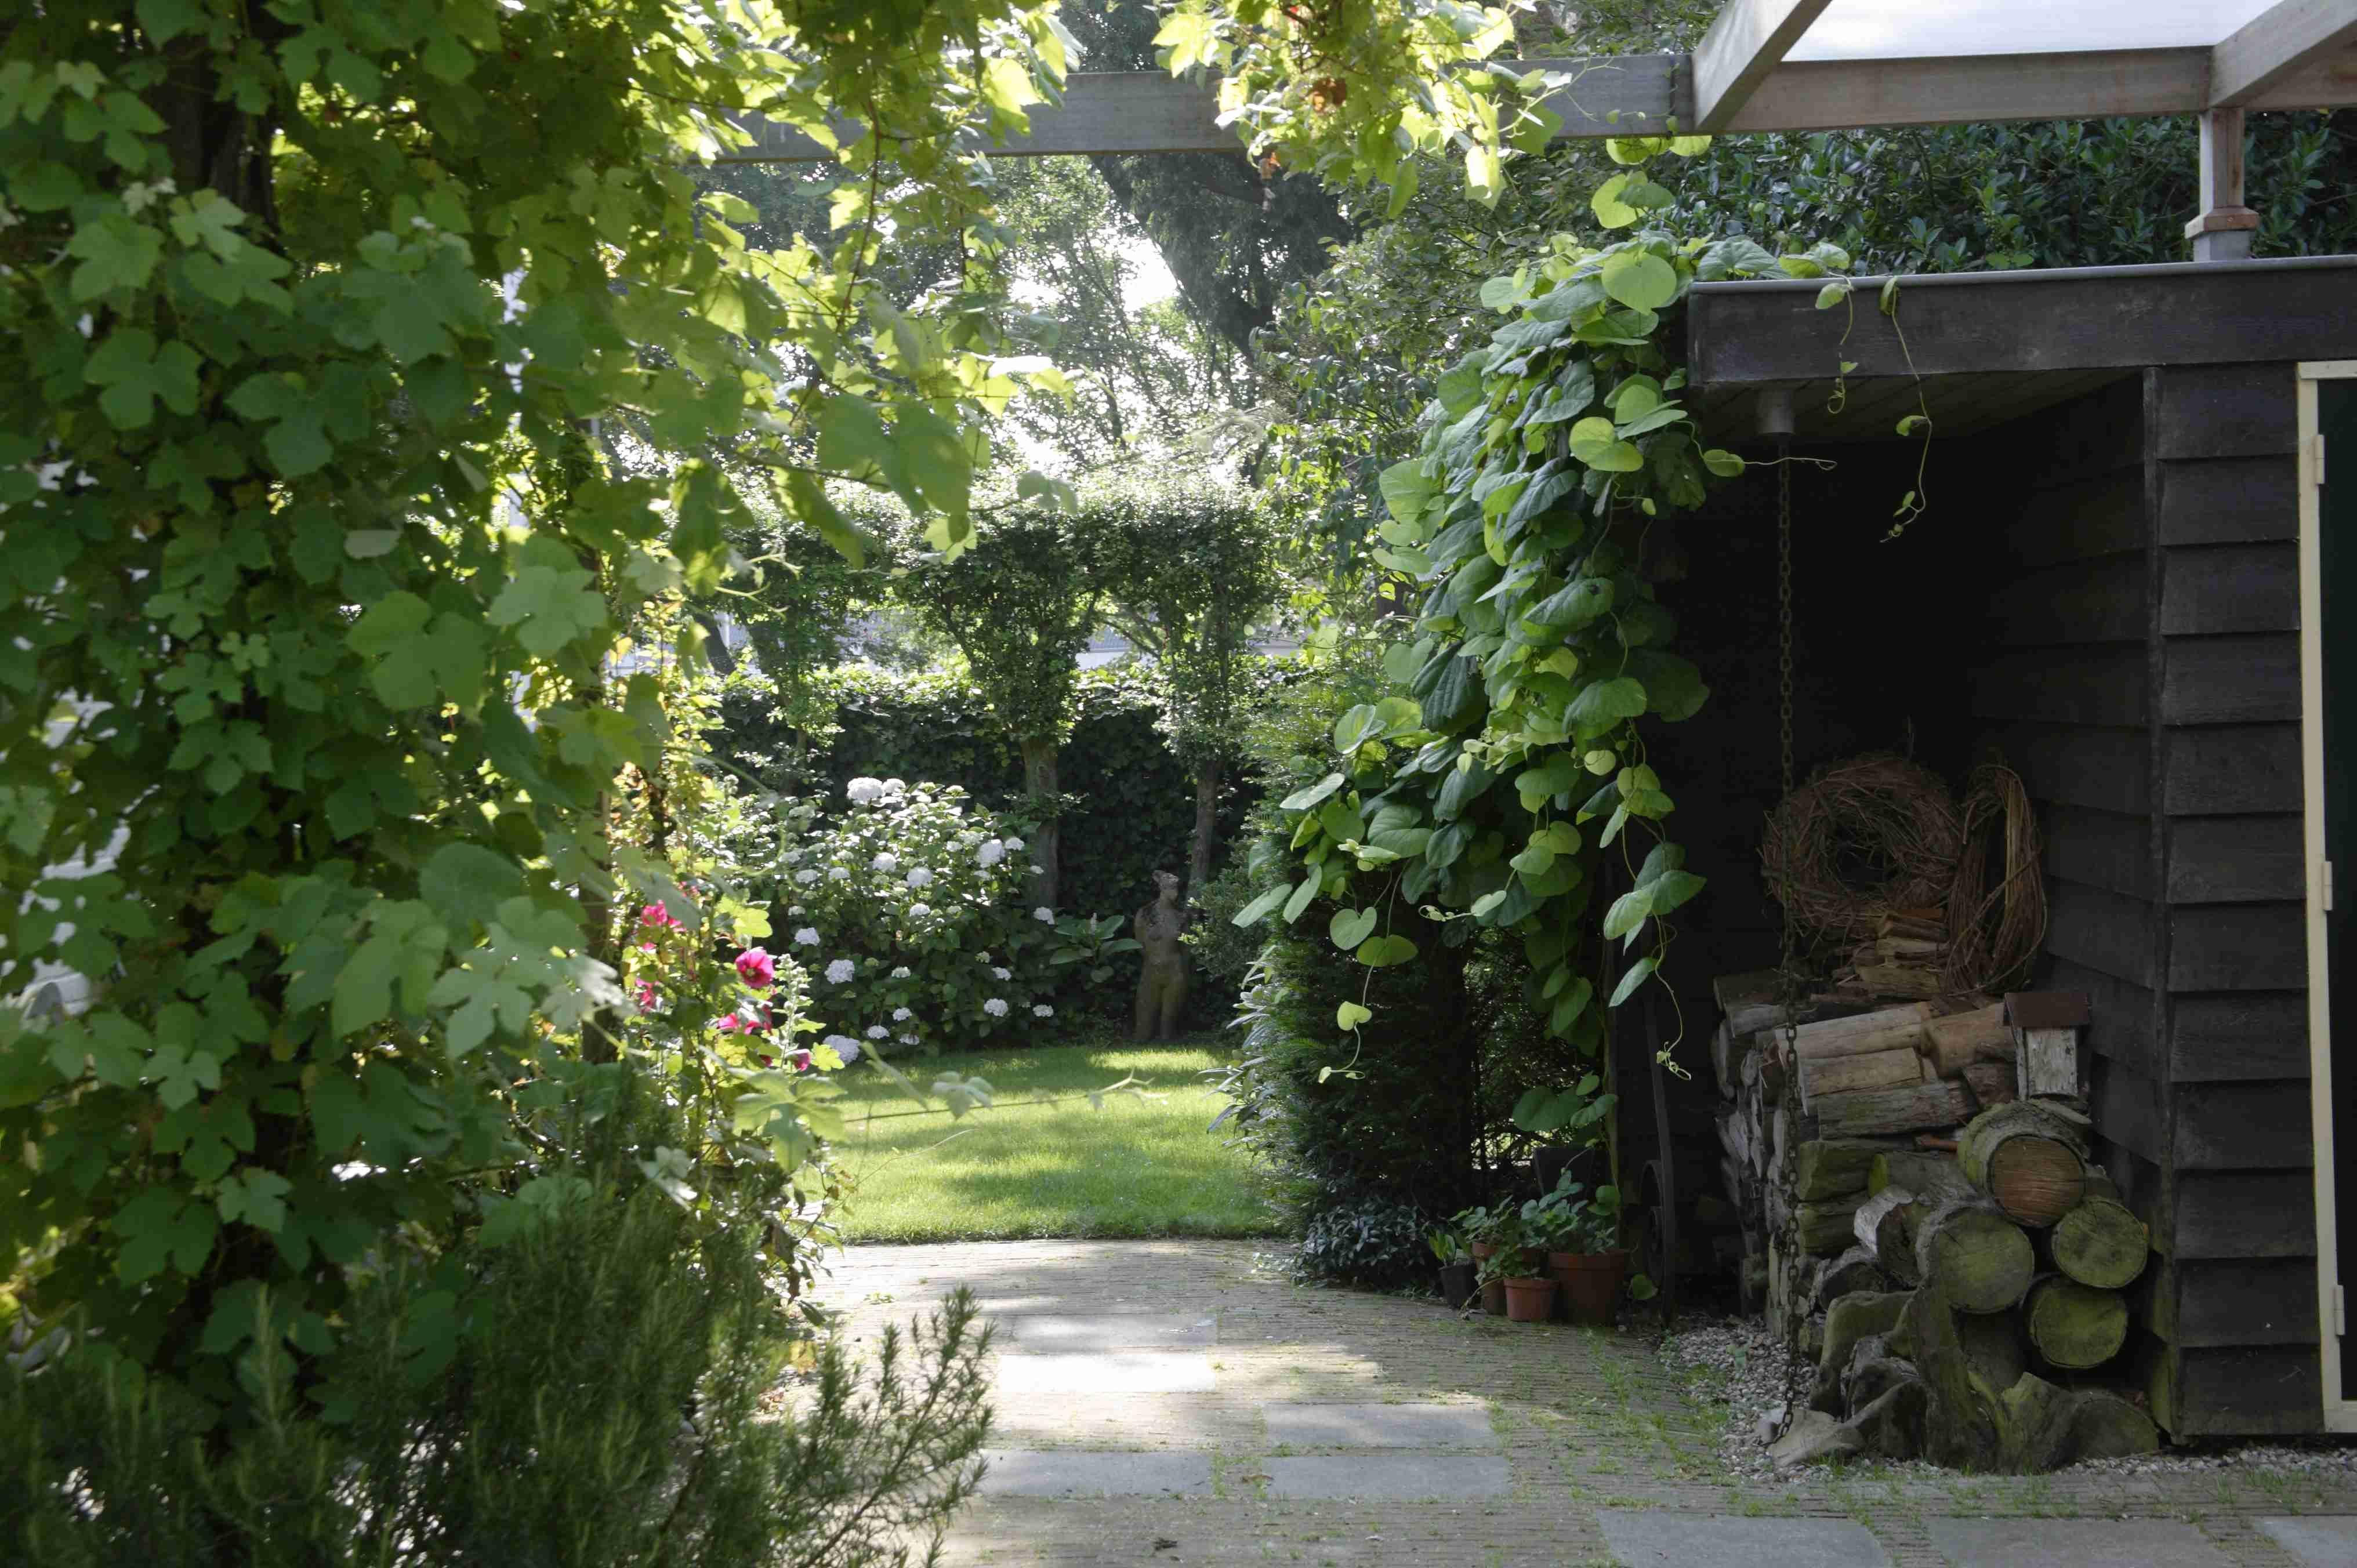 Tuin tuinontwerp tuinarchitect hovenier hoveniersbedrijf